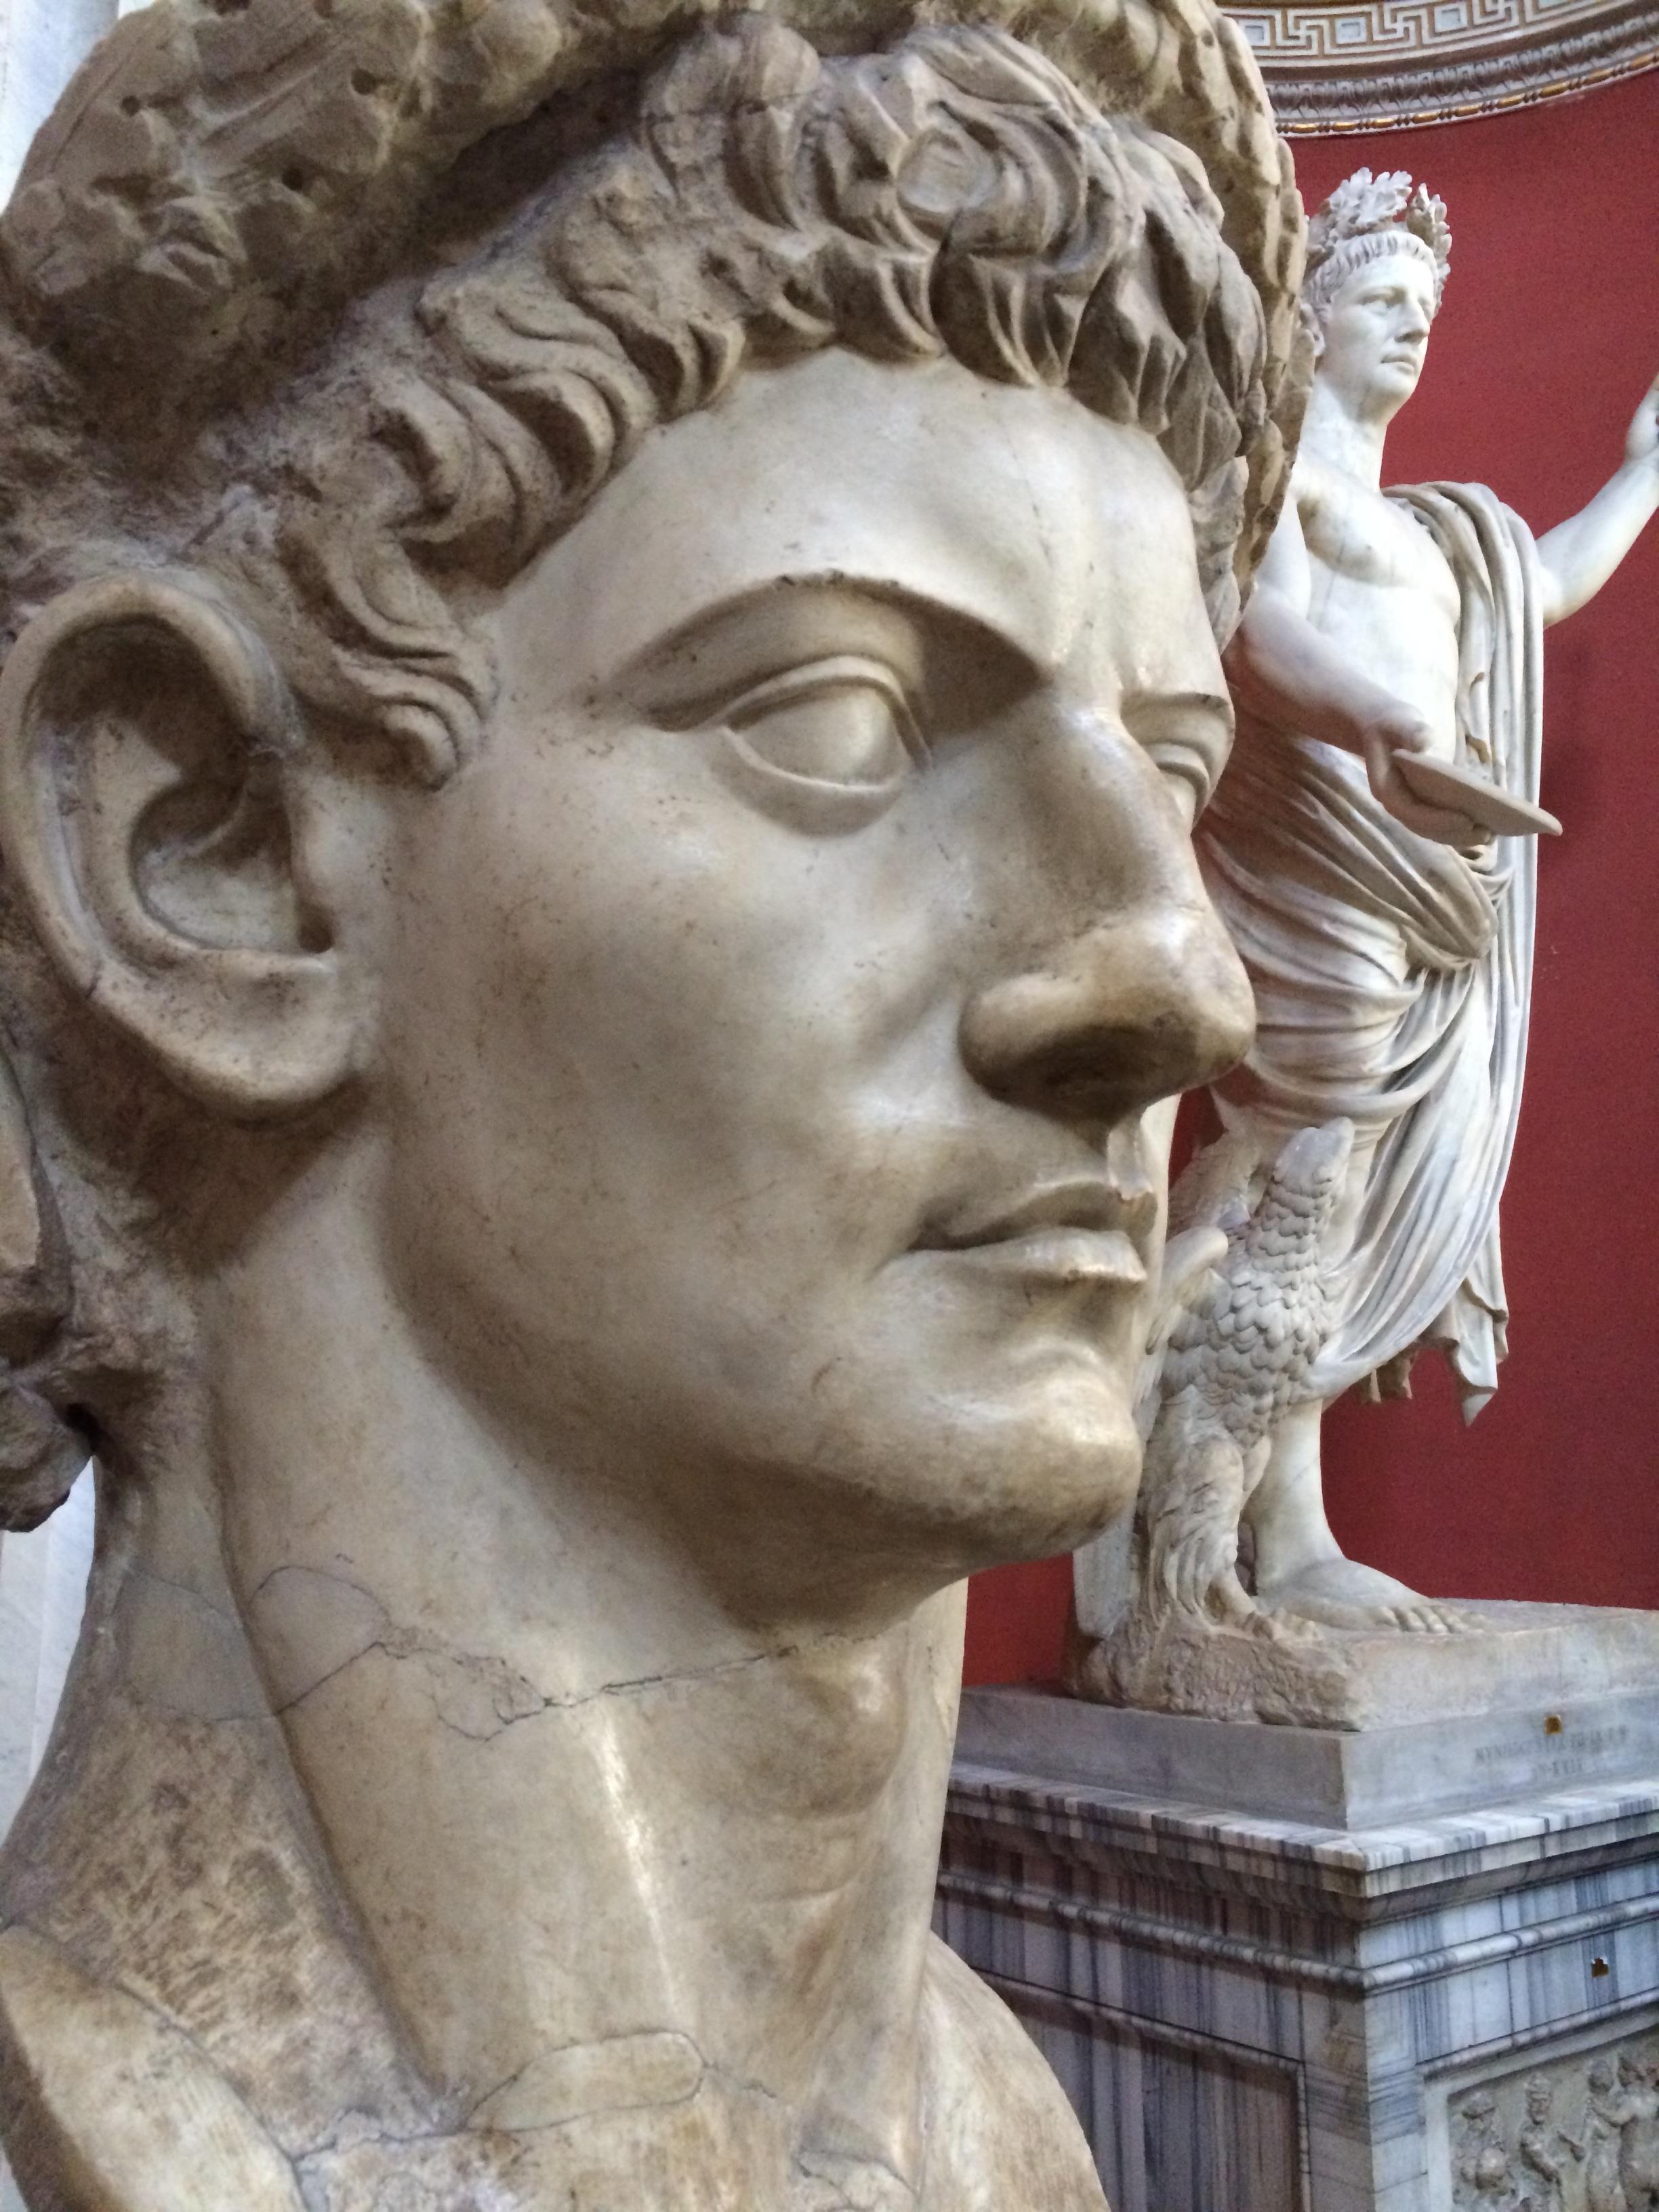 картинки римских статуй свойствами обладает